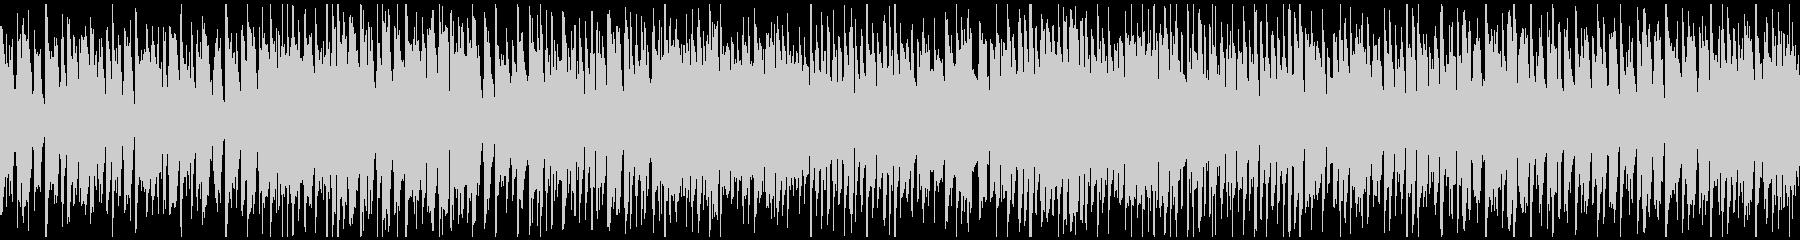 リコーダーの楽しいバラエティ曲※ループ版の未再生の波形